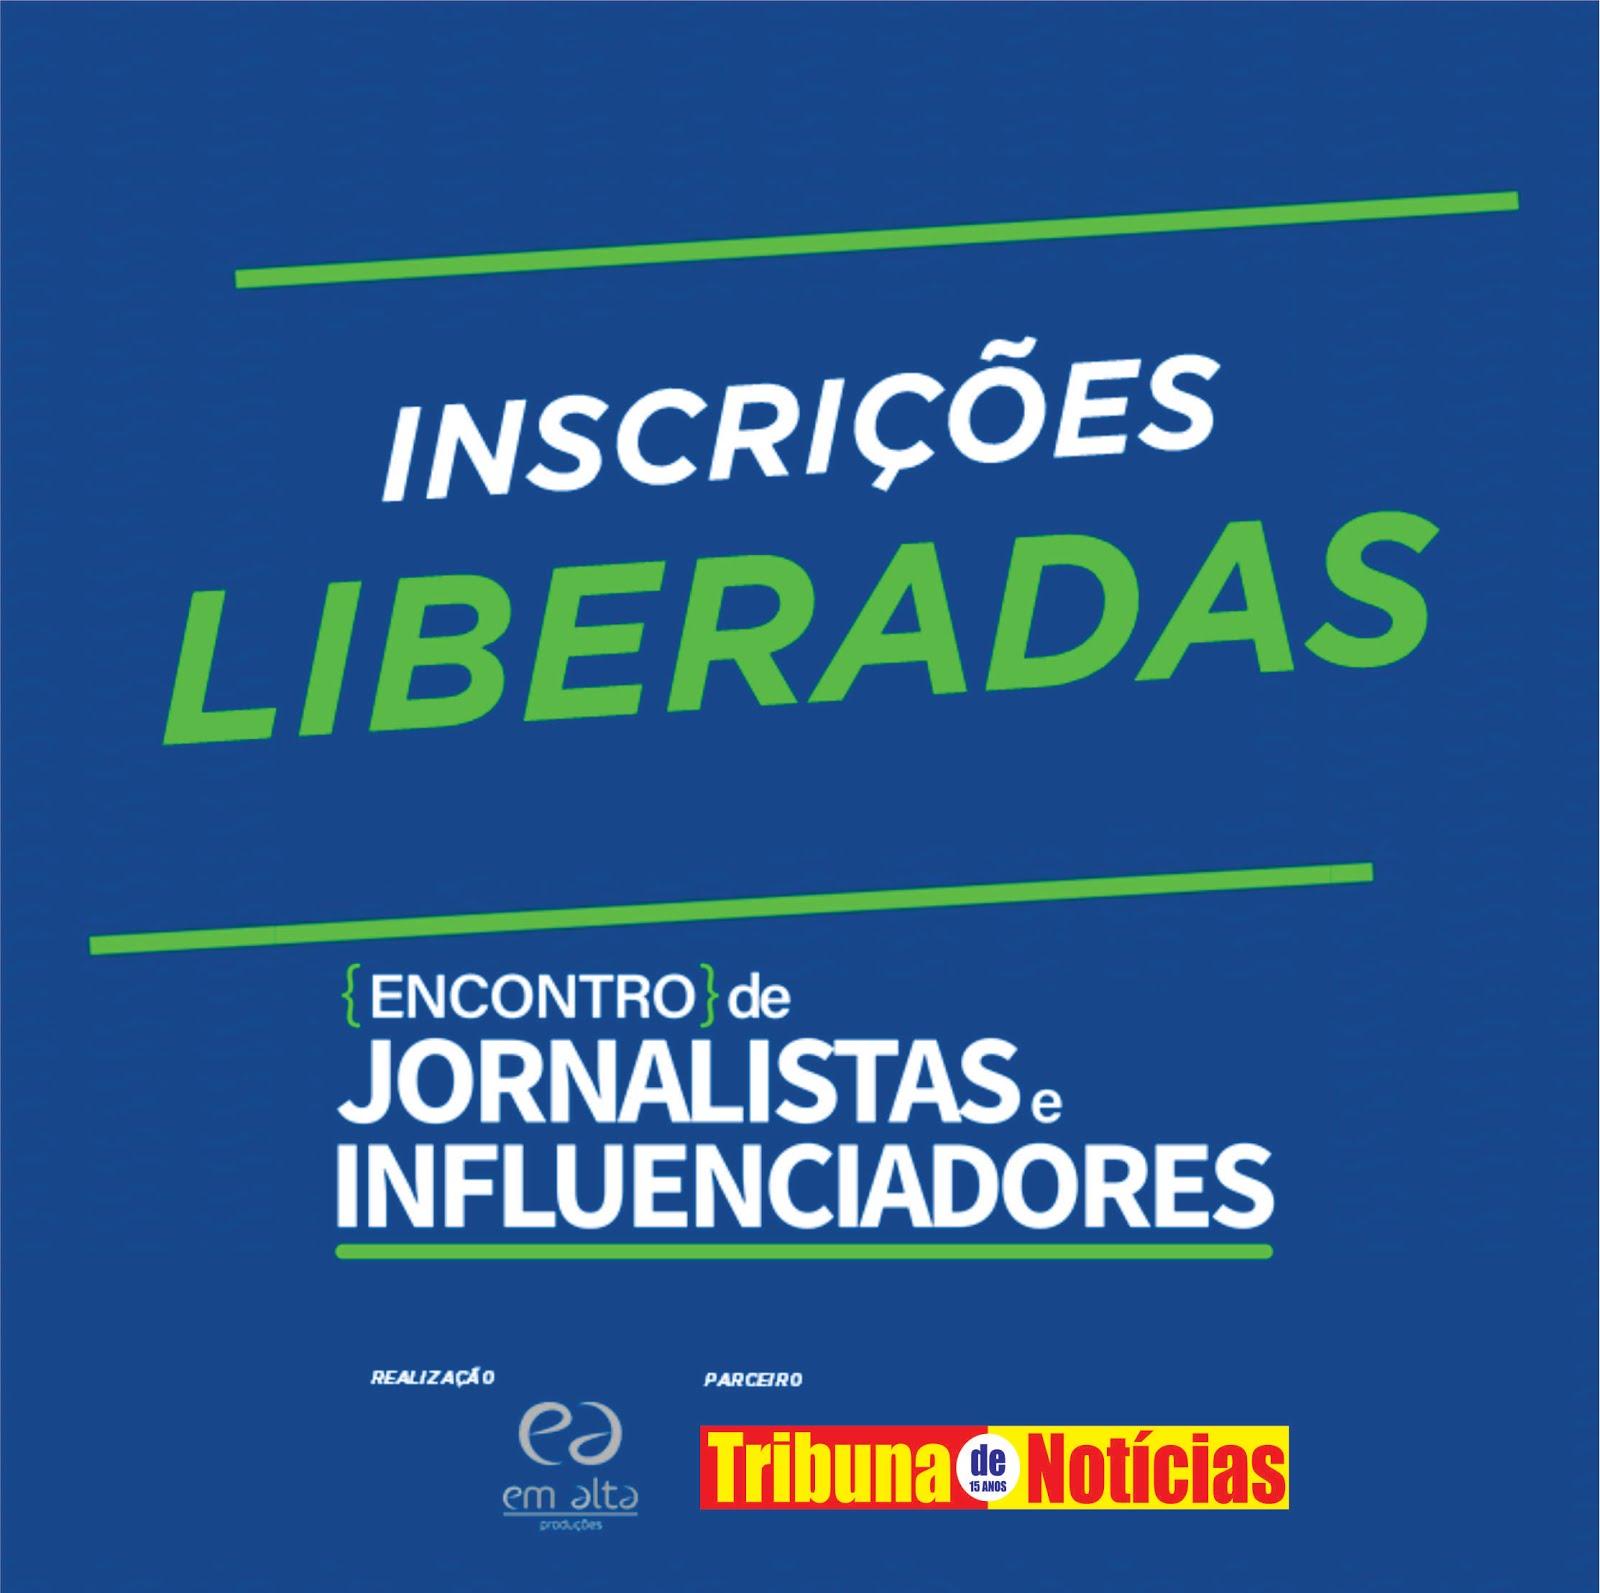 ENCONTRO DE JORNALISTAS